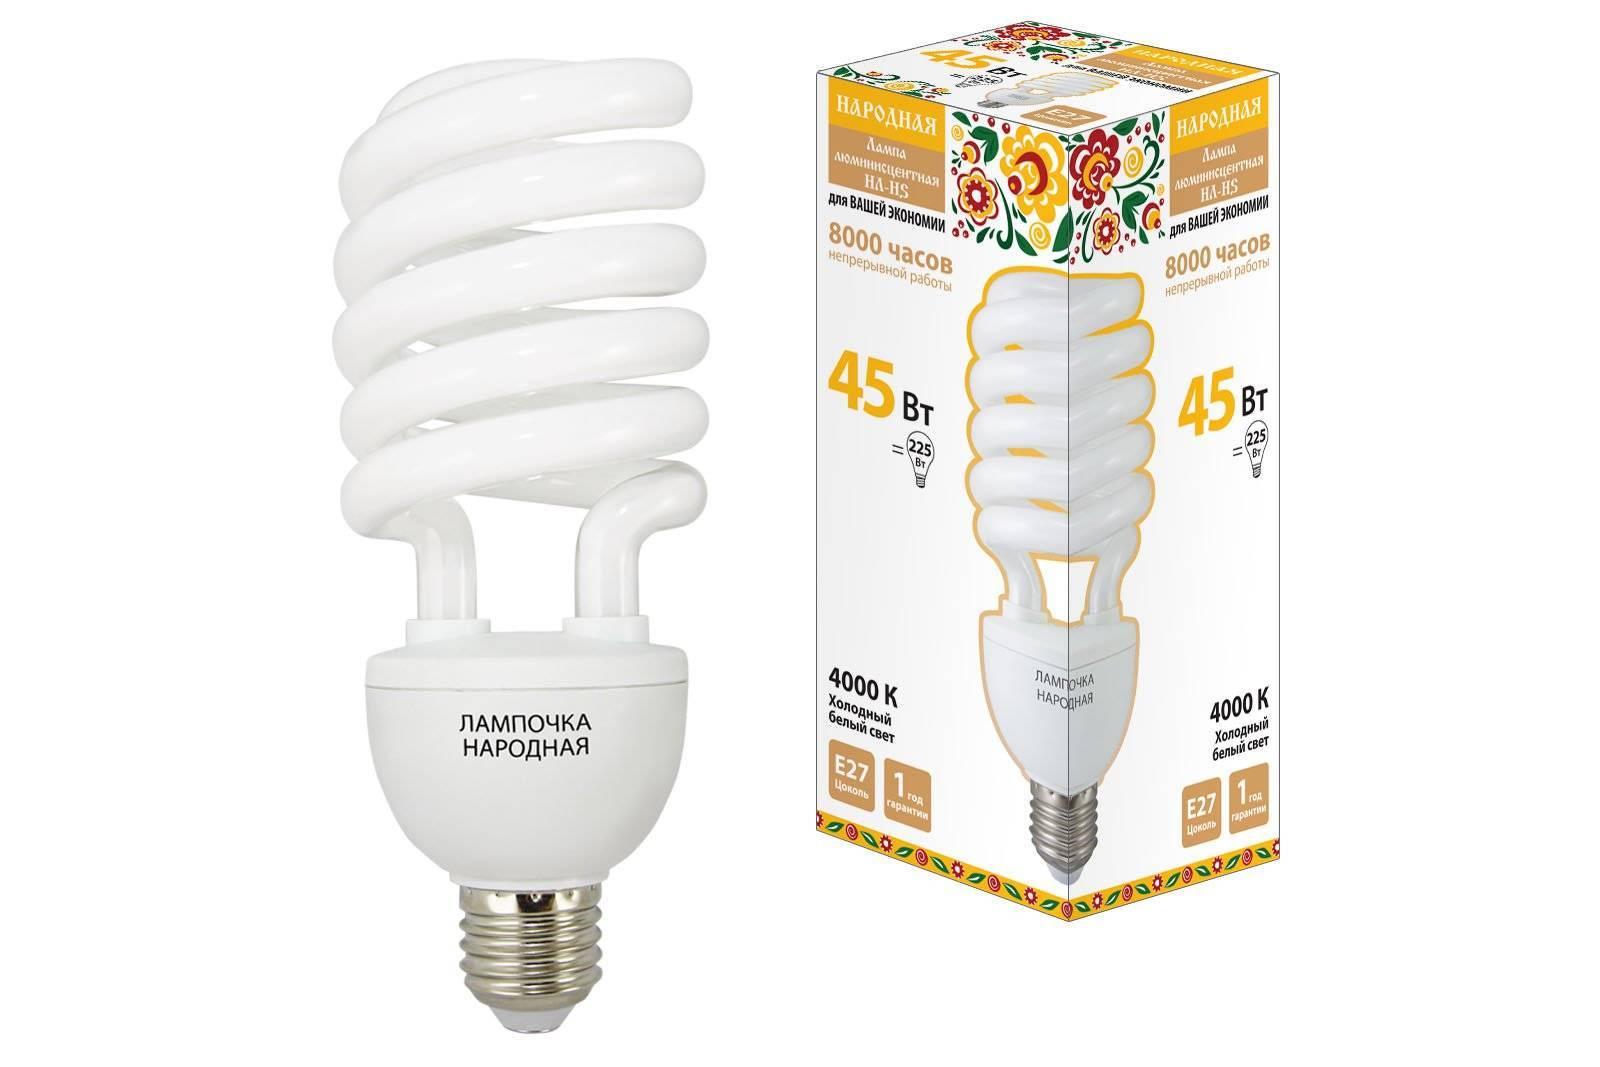 Эсл лампы для растений: особенности лампы 250вт 2700к, выбираем энергосберегающую фитолампу для цветов